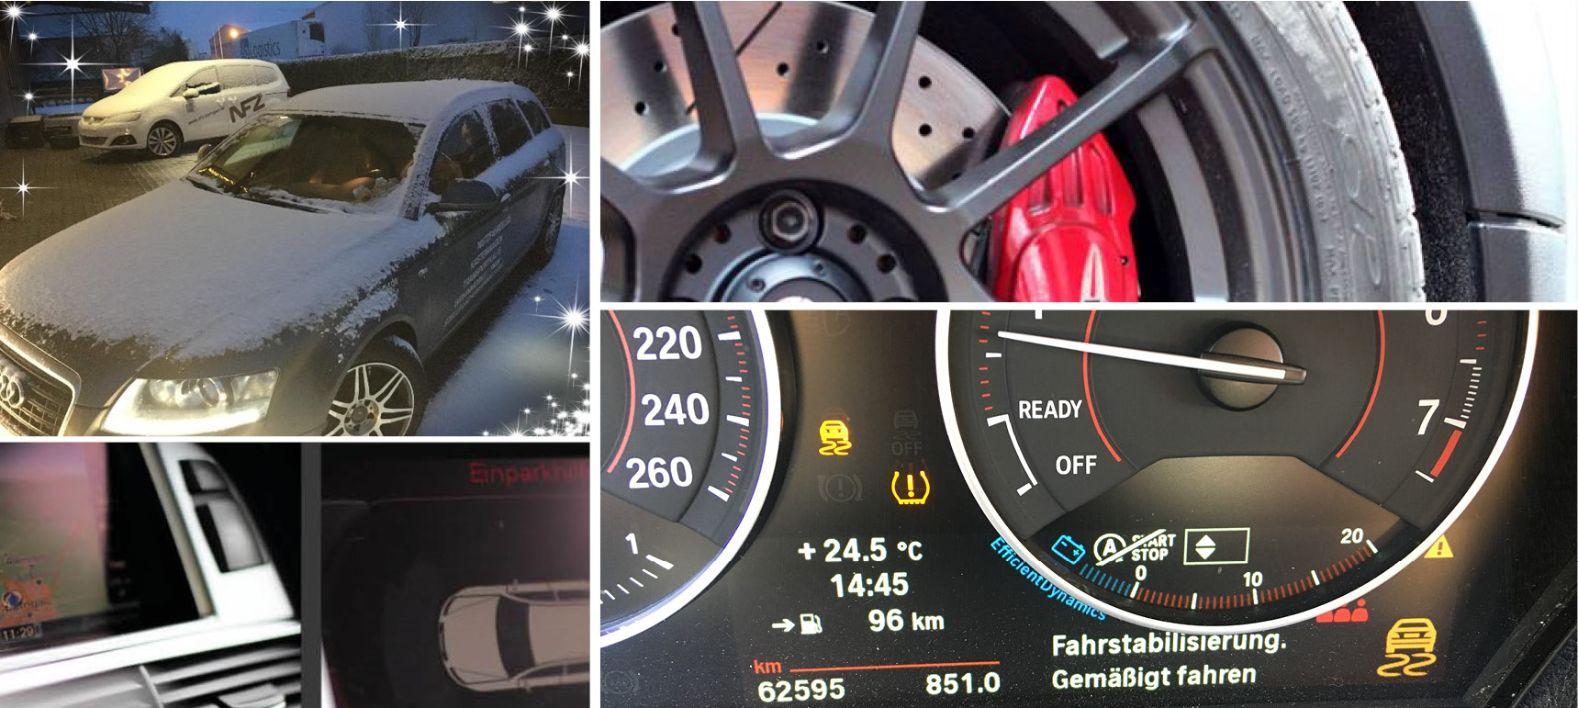 Pkw Standheizung, Leistungsoptimierung, Einparkhilfe, Navigation, Bremse